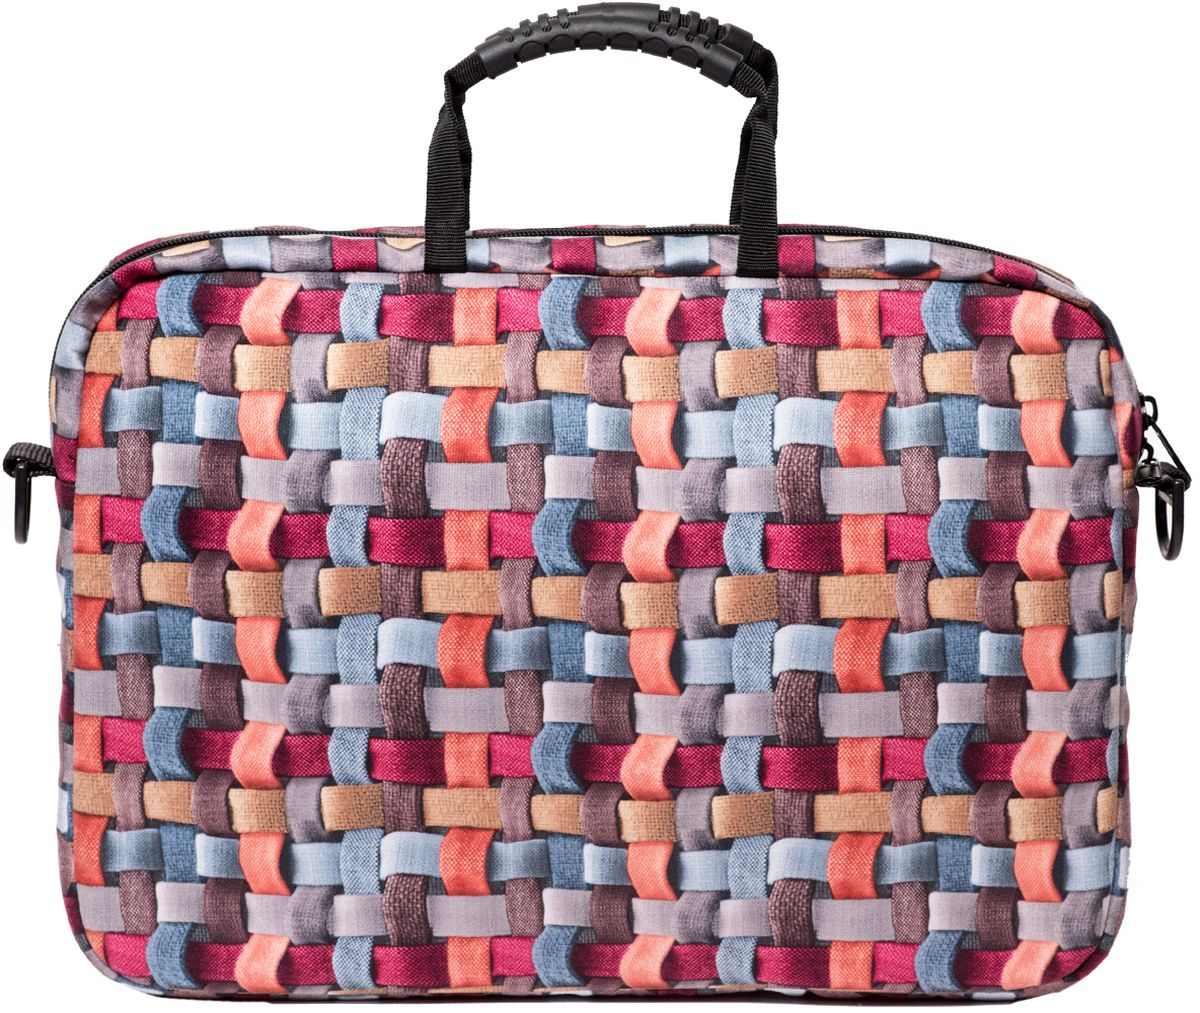 Vivacase Ropes, Marengo сумка для ноутбука 15,6VCN-CRS15-mrgСумка для ноутбуков диагональю 15.6 дюймов стильная и эргономичная. Стильный дизайн неизбежно привлечет внимание и поможет ее владельцу выделиться из толпы.Сумка для ноутбука сшита из бархатистой мебельной ткани устойчивой к загрязнениям и истиранию. Не стоить бояться, что изделие быстро потеряет товарный вид. При изготовлении аксессуаров Vivacase используются только качественные материалы от проверенных поставщиков. Сумке не страшны ни грязь, ни осадки благодаря специальной водо - и грязеотталкивающей пропитке. Ее достаточно протереть влажной тряпочкой, чтобы избавиться от пятен.Основа сумки - специальный пористый противоударный материал двойного сложения, который отлично защищает ноутбук от тряски в дороге и механических повреждений. При этом сумка очень легкая и компактная. С ней удобно путешествовать. К сумке прилагается широкий наплечный ремень. Во вместительном внешнем кармане на молнии могут поместить документы формата А4 и другие аксессуары.